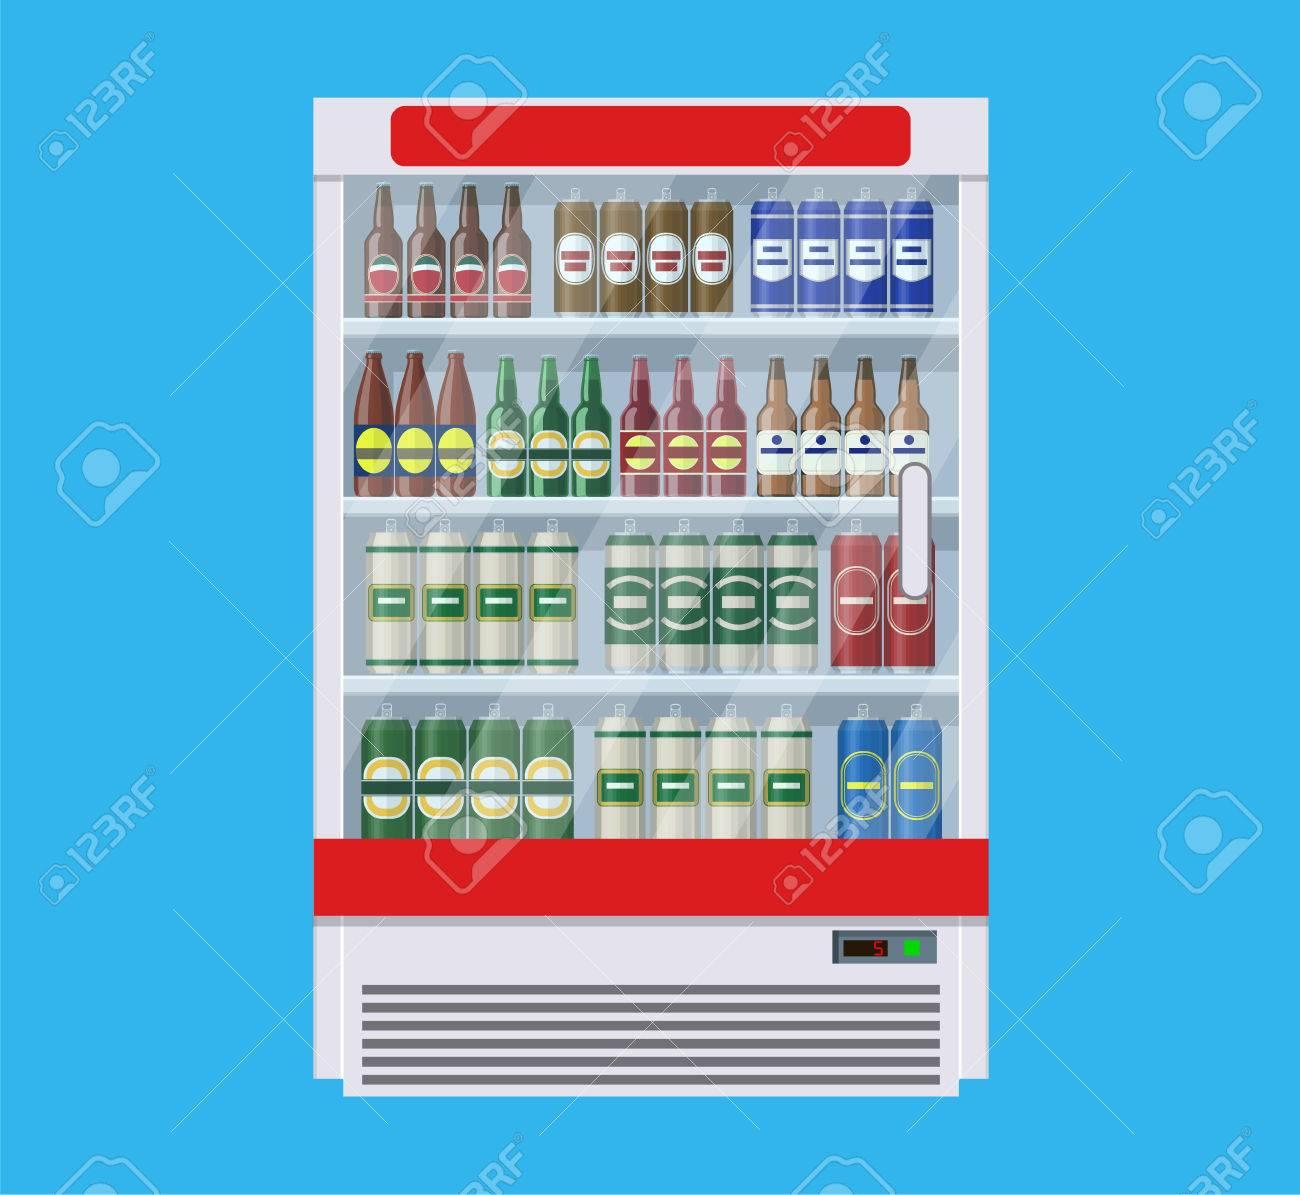 Zeigt Kühlschränke Für Die Kühlung Von Getränken In Flaschen Und ...